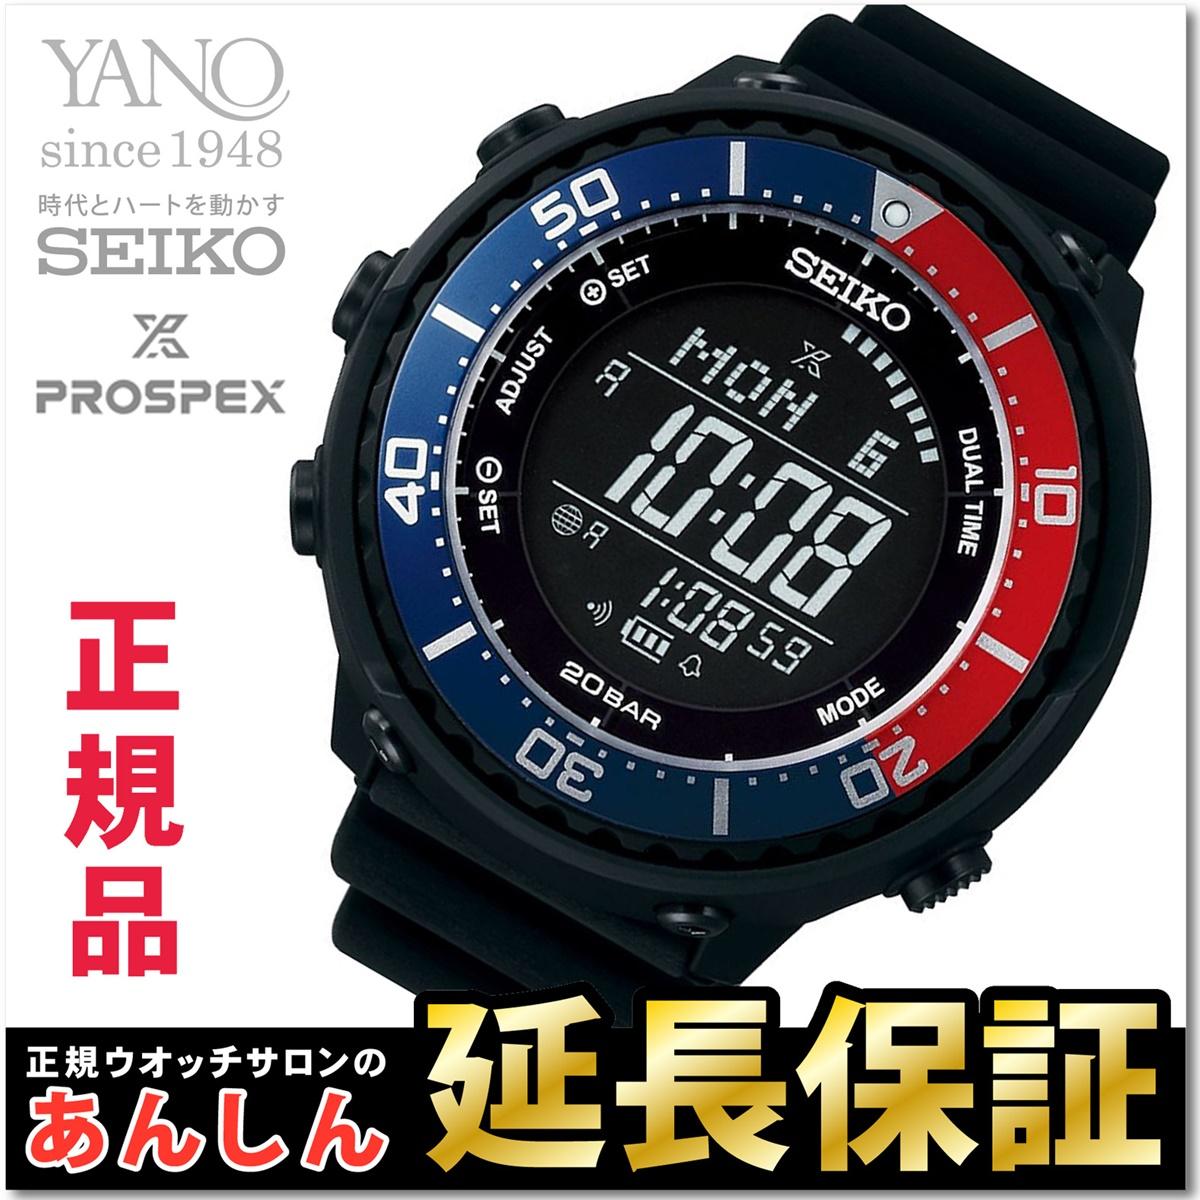 【2,000円OFFマラソンクーポン!9日20時から】セイコー プロスペックス SBEP003 LOWERCASE ソーラー デジタル メンズ 腕時計 SEIKO PROSPEX 【0518】_10spl